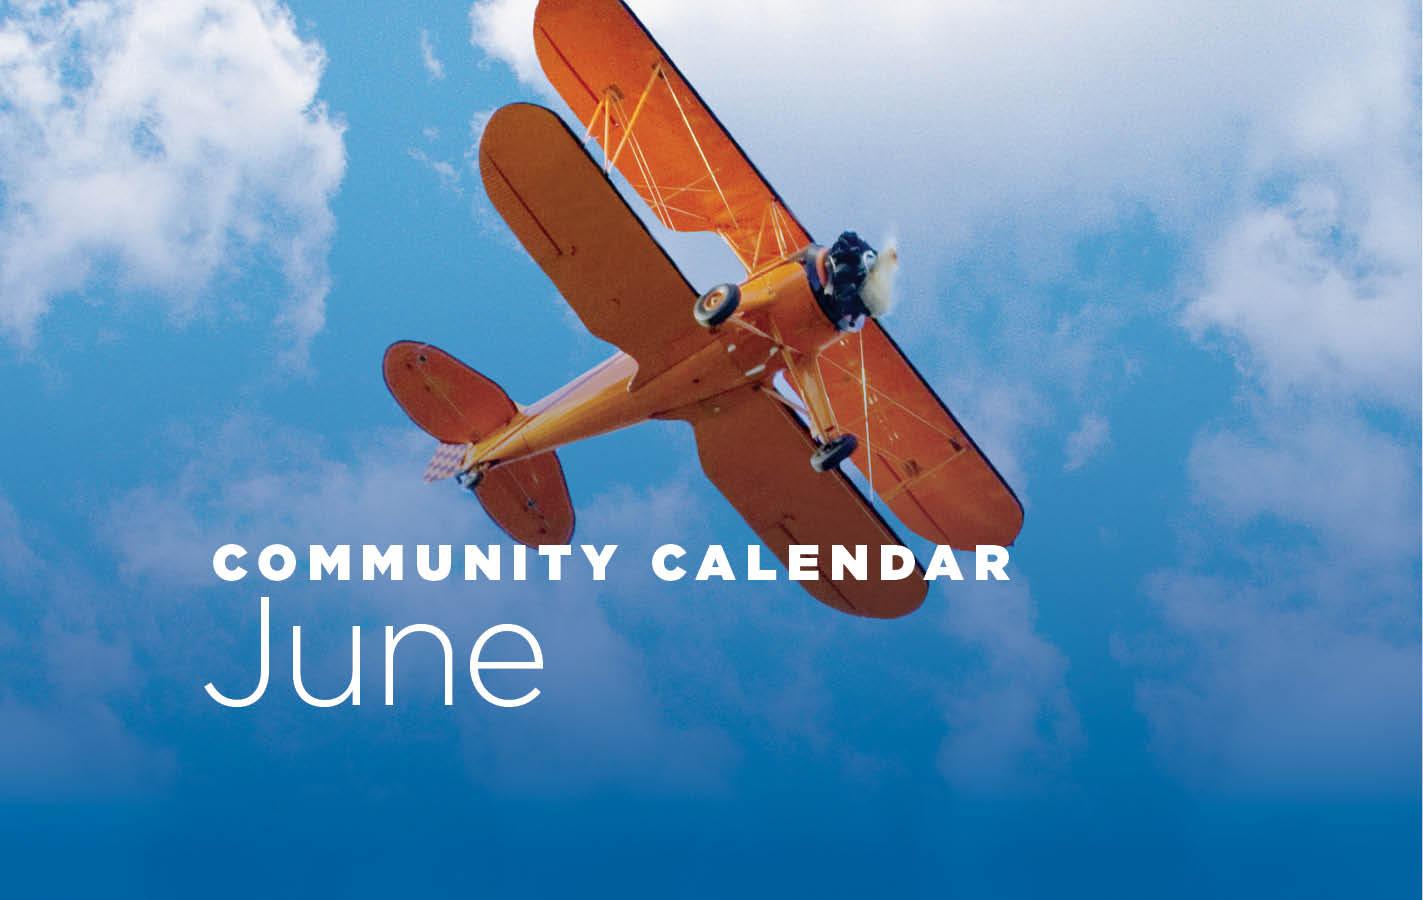 Community Calendar for June 2019